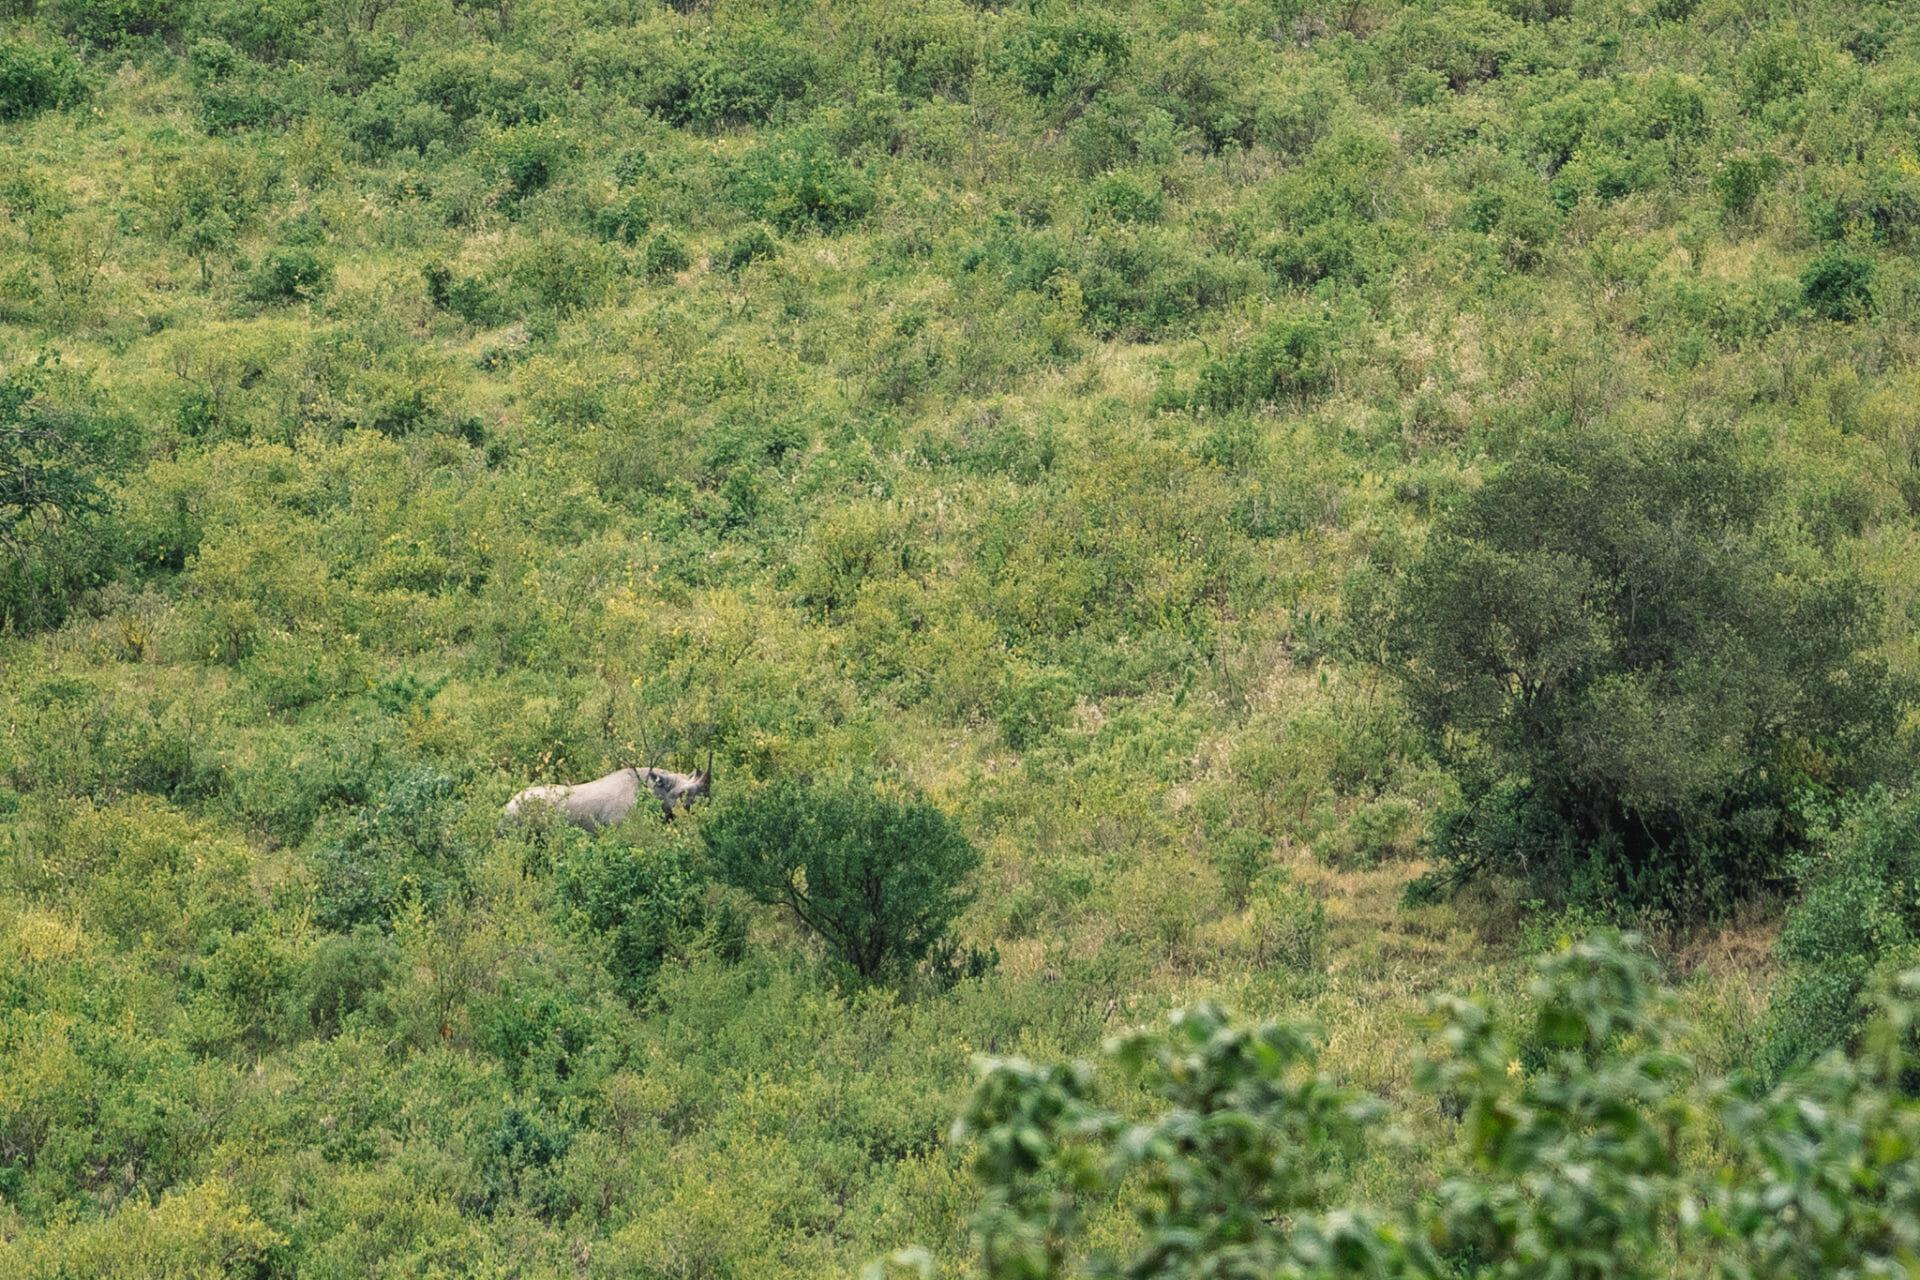 tanzanie-safari-ngorongoro